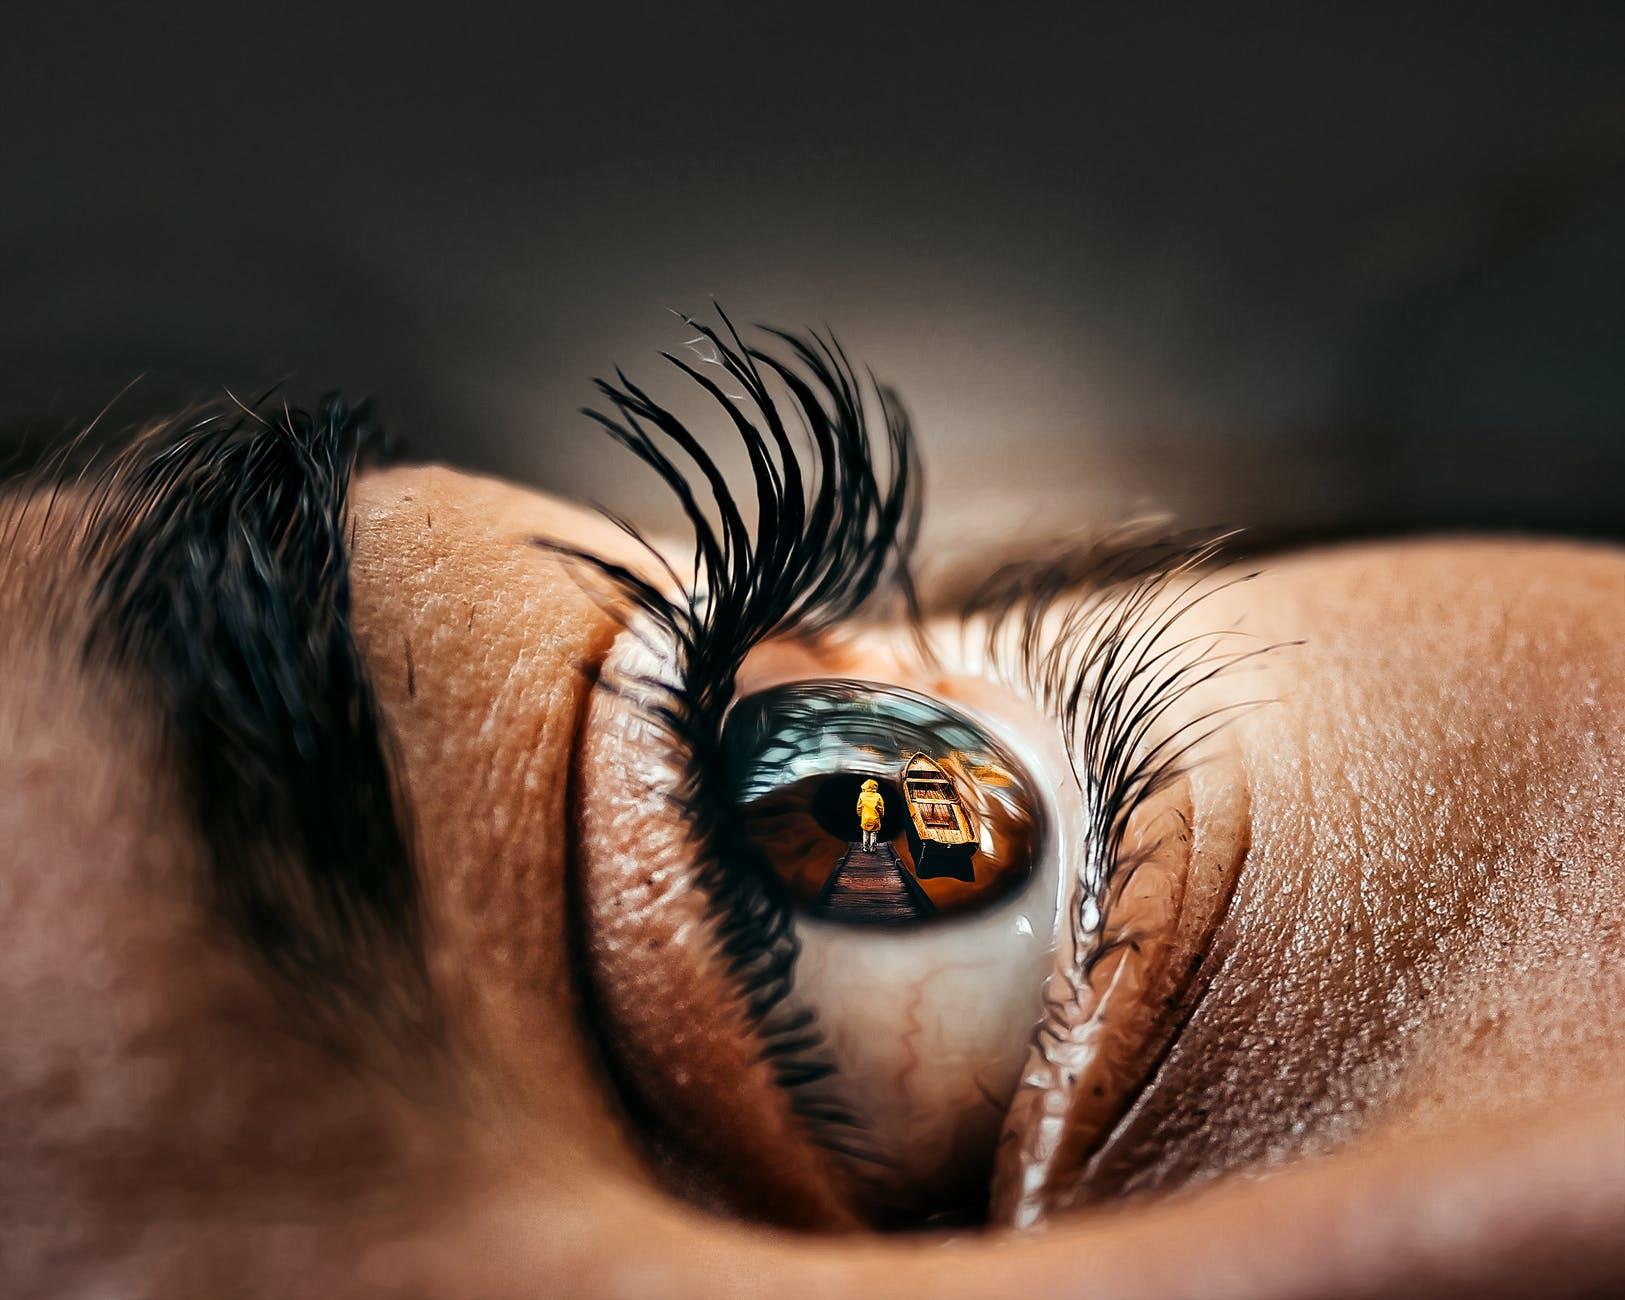 macro photography of eye